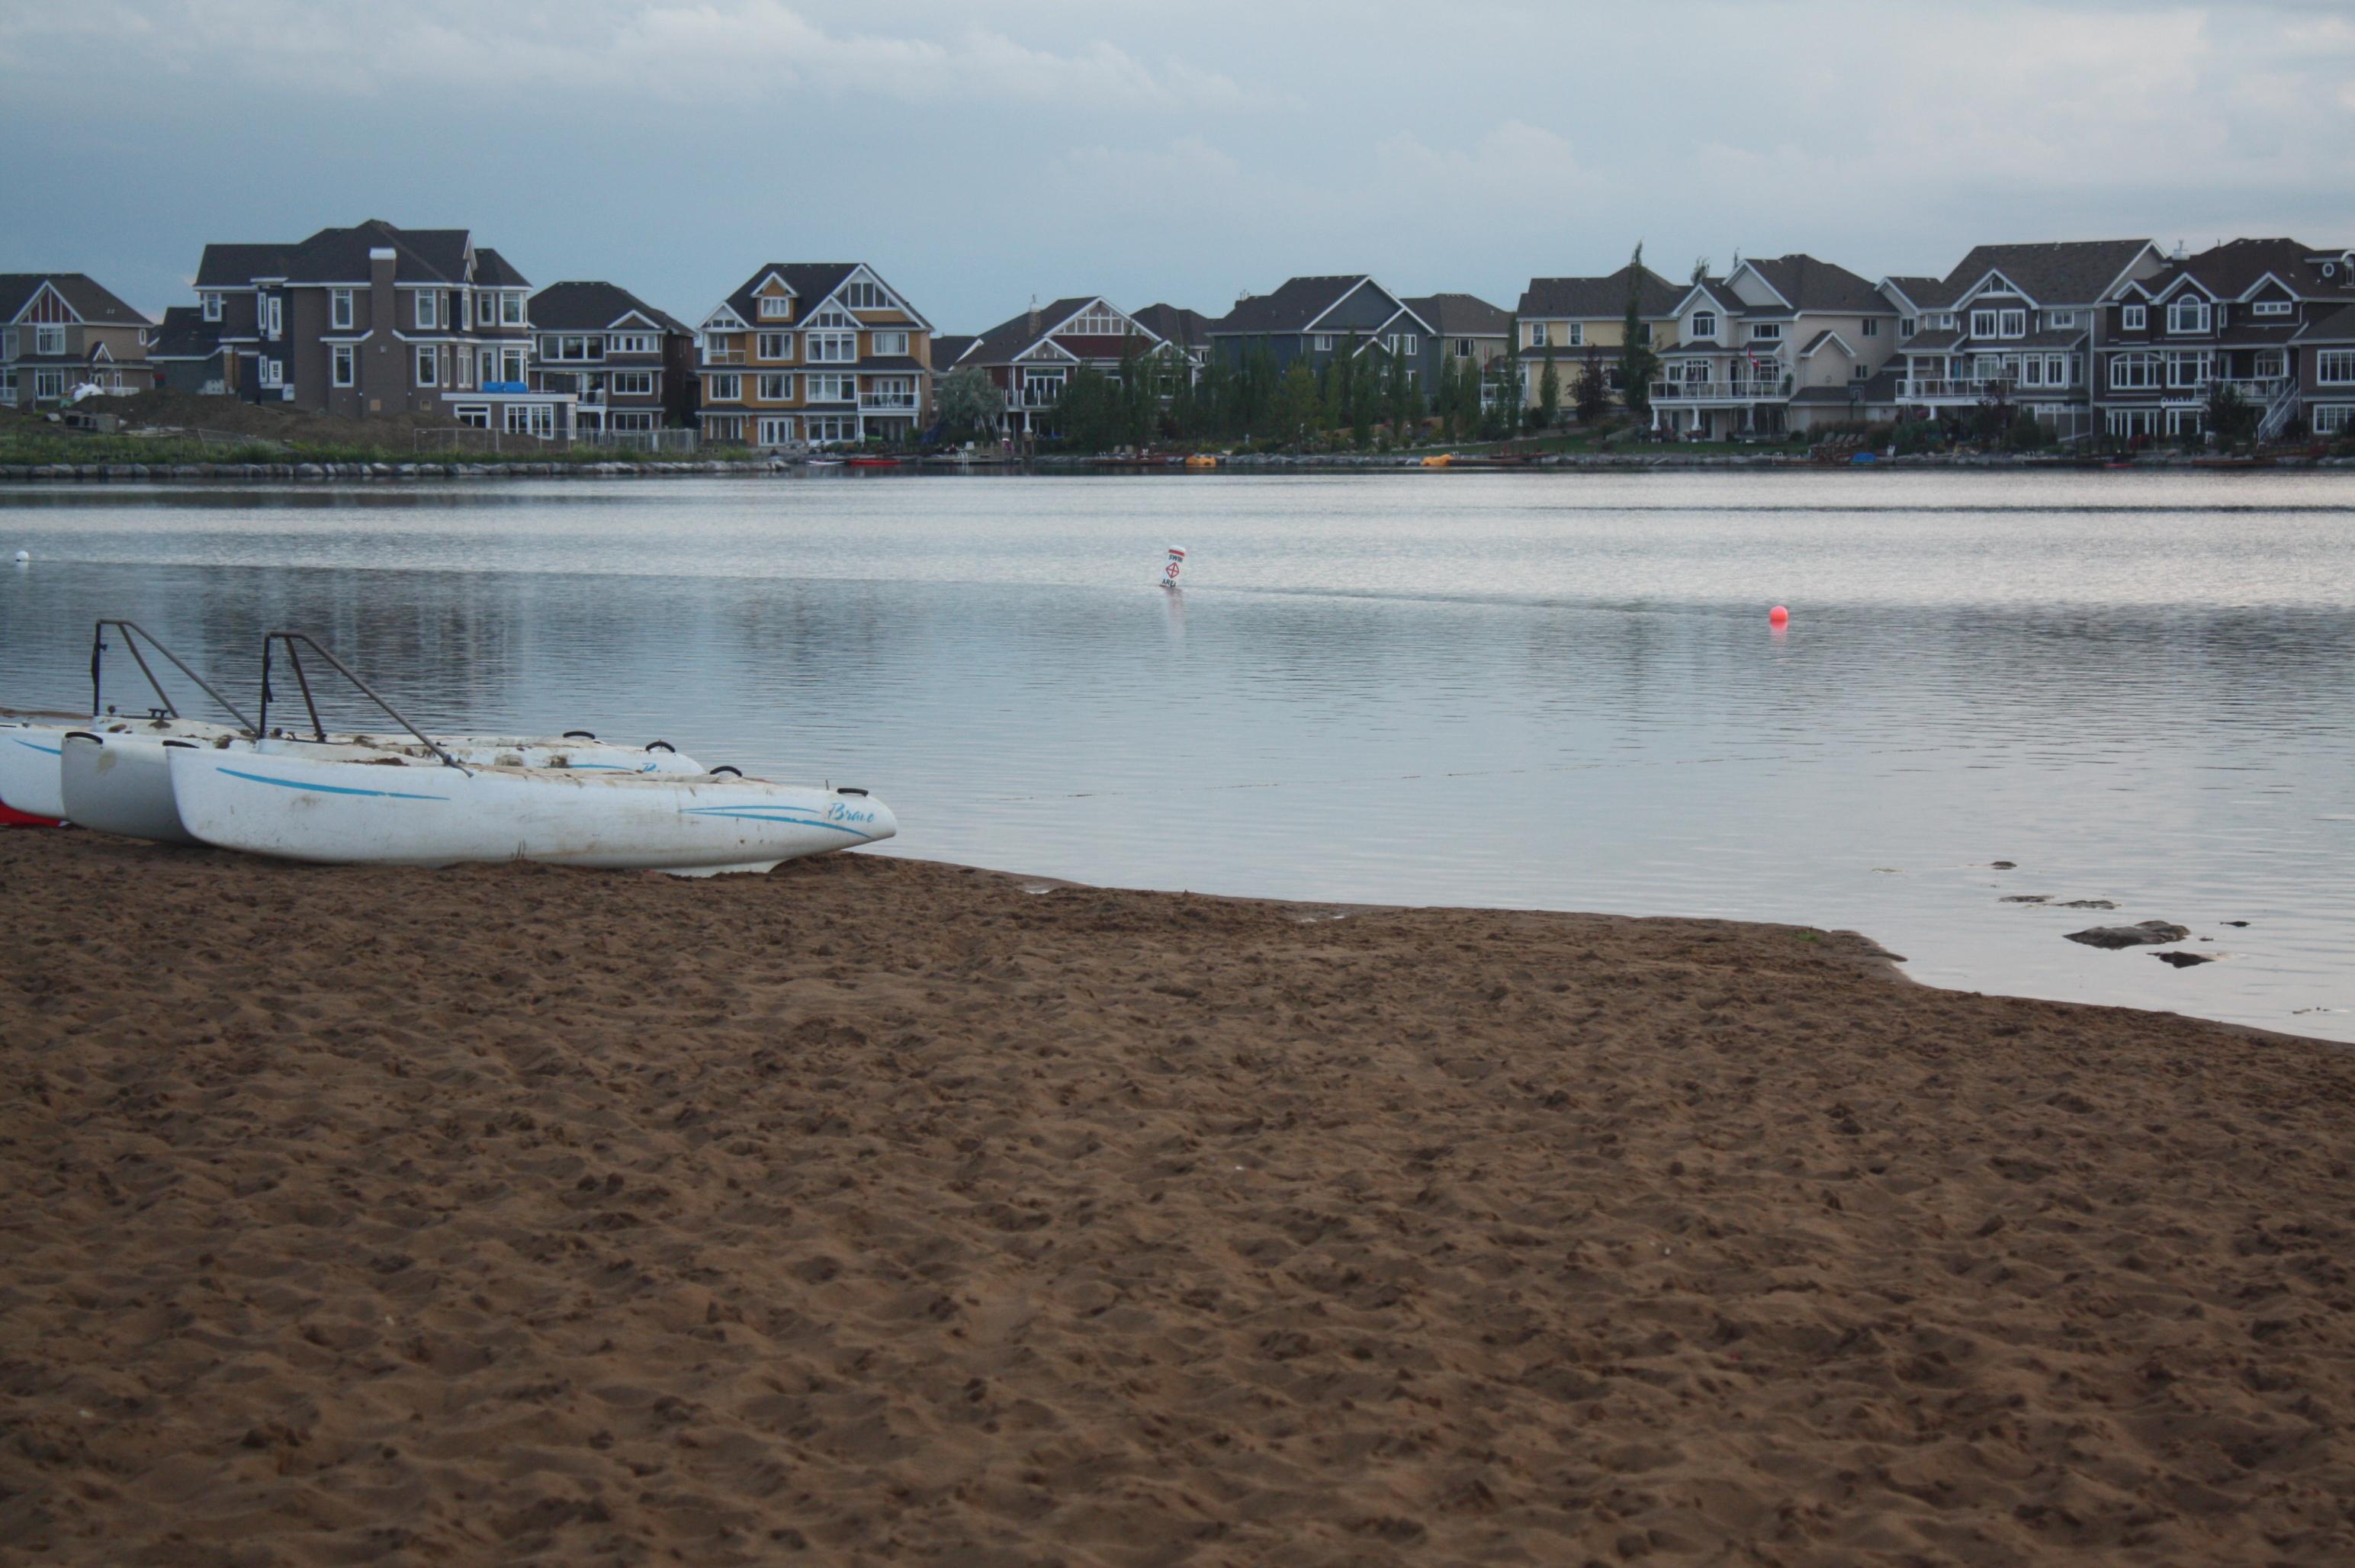 Lake Summerside